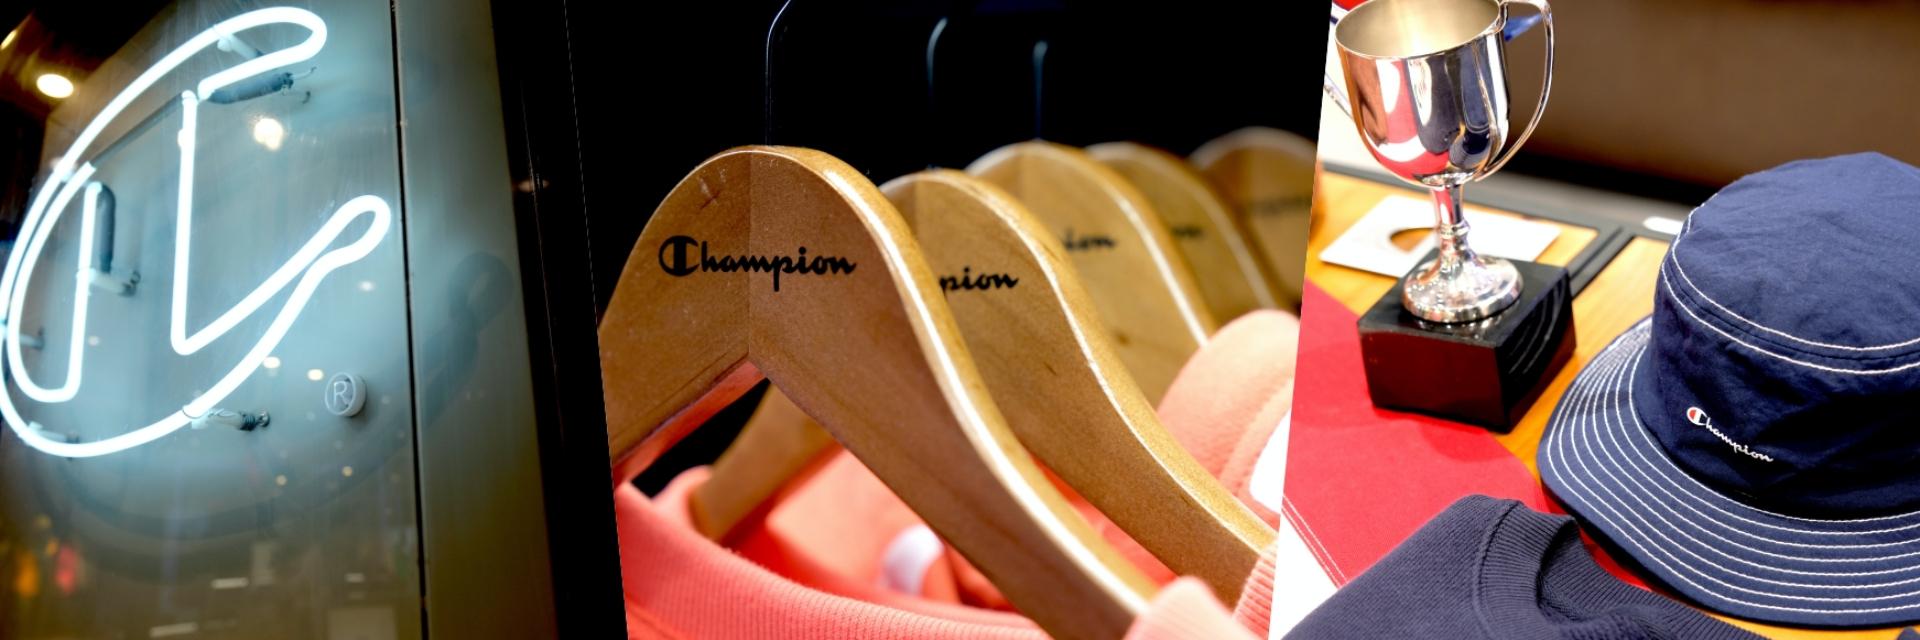 【編輯帶逛】潮人衣櫃不能缺少的Champion 101店全新據點帶你直擊!